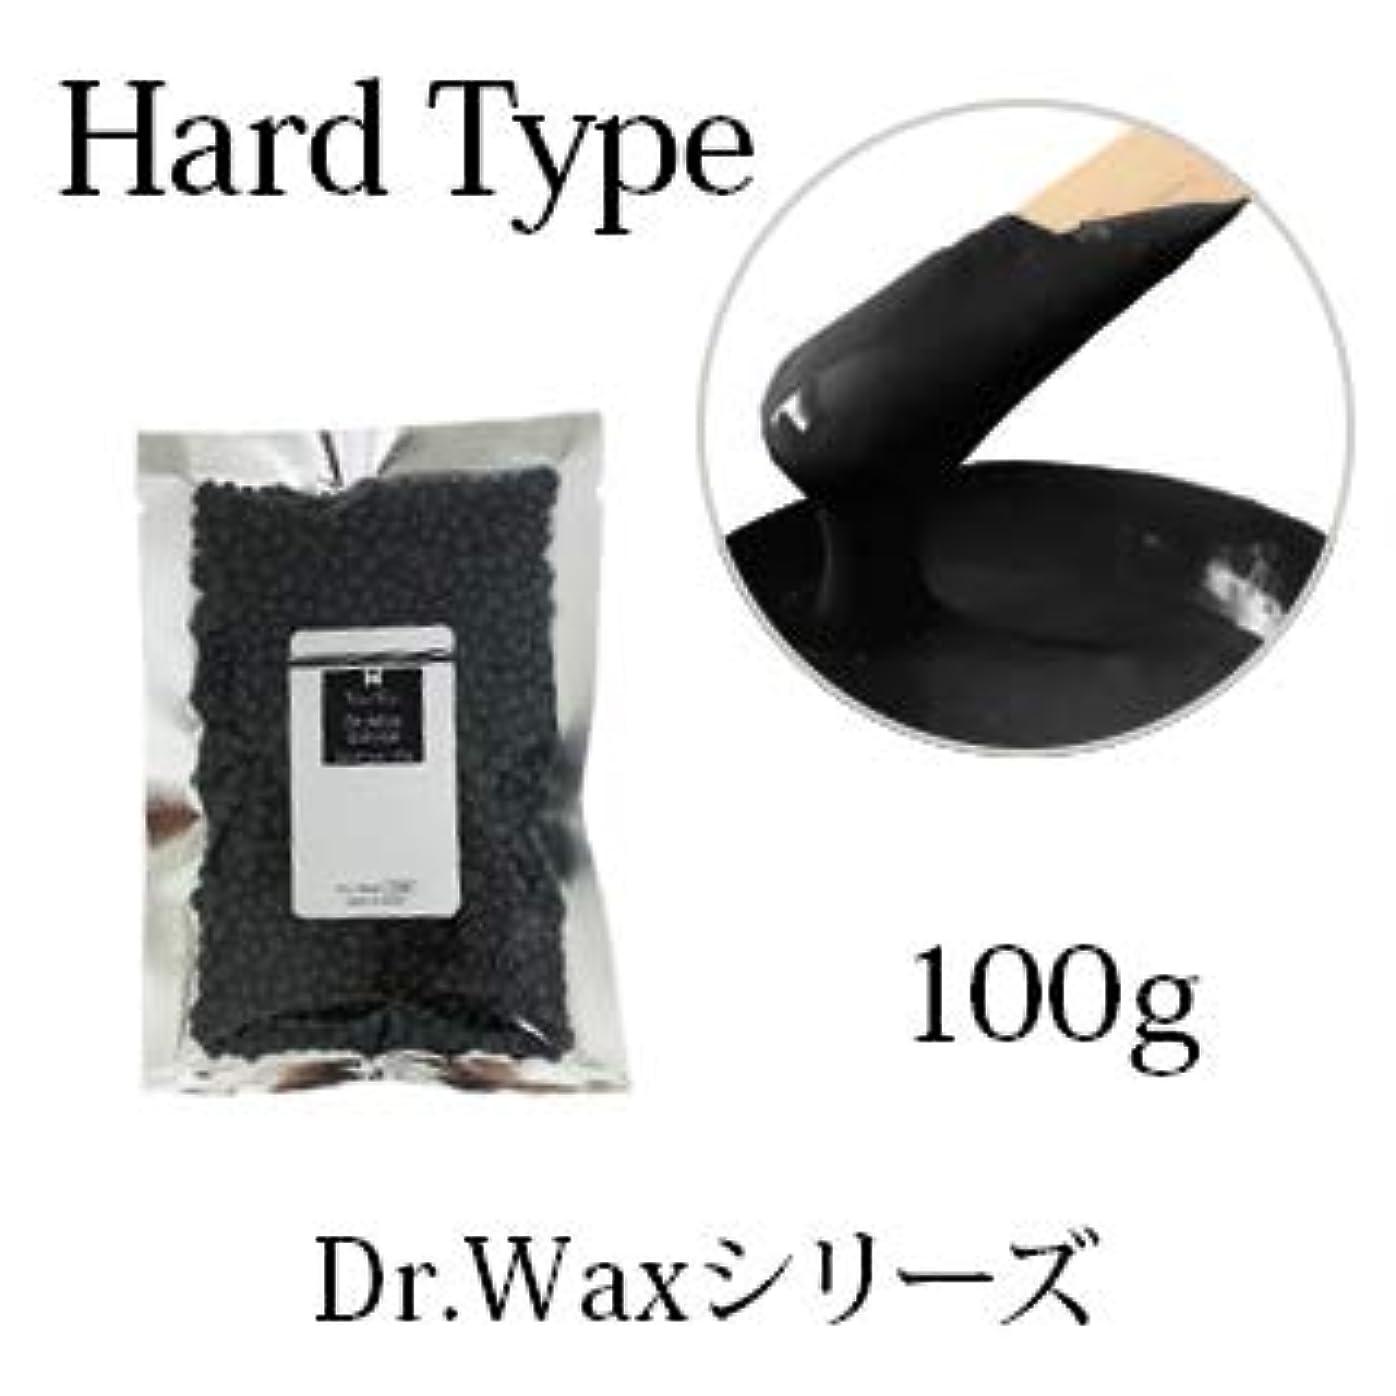 【Dr.waxシリーズ】ワックス脱毛 粒タイプ 紙を使用しない ハードワックス (キャビア 100g)